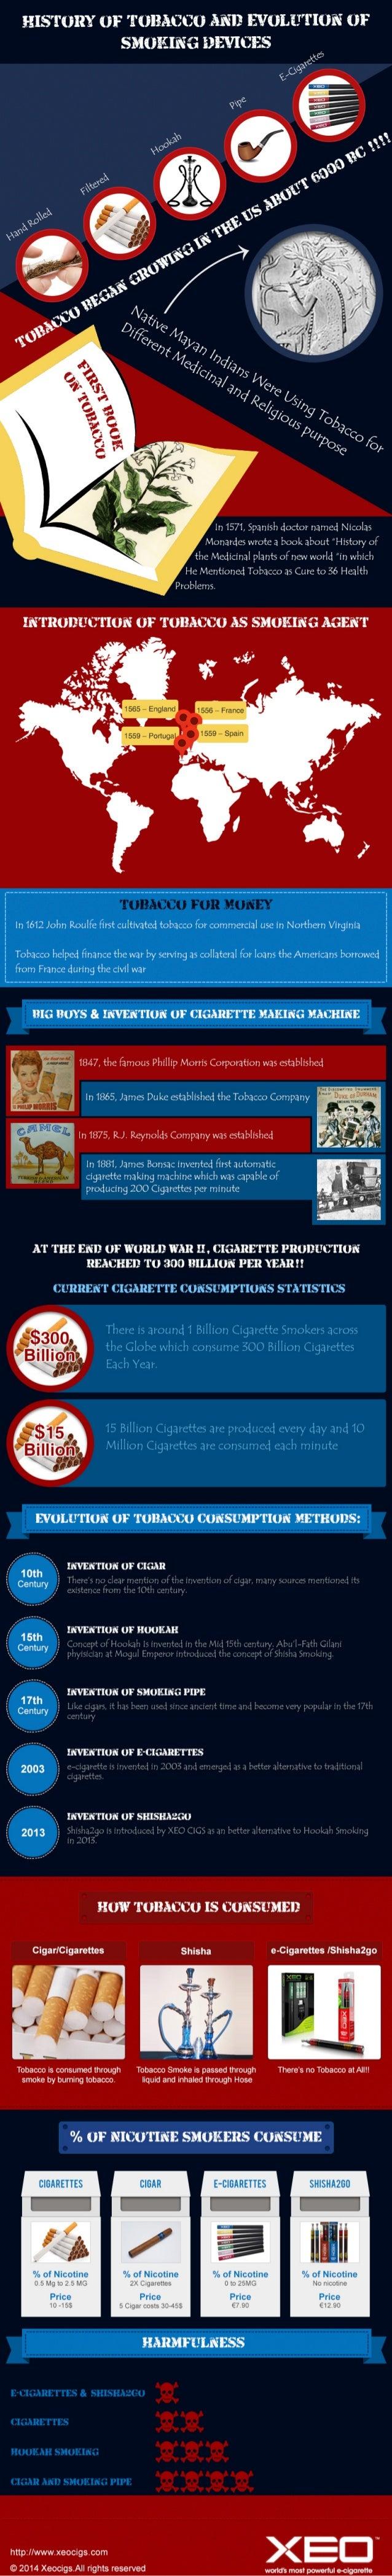 Cigarettes to E-cigarettes : Brief History